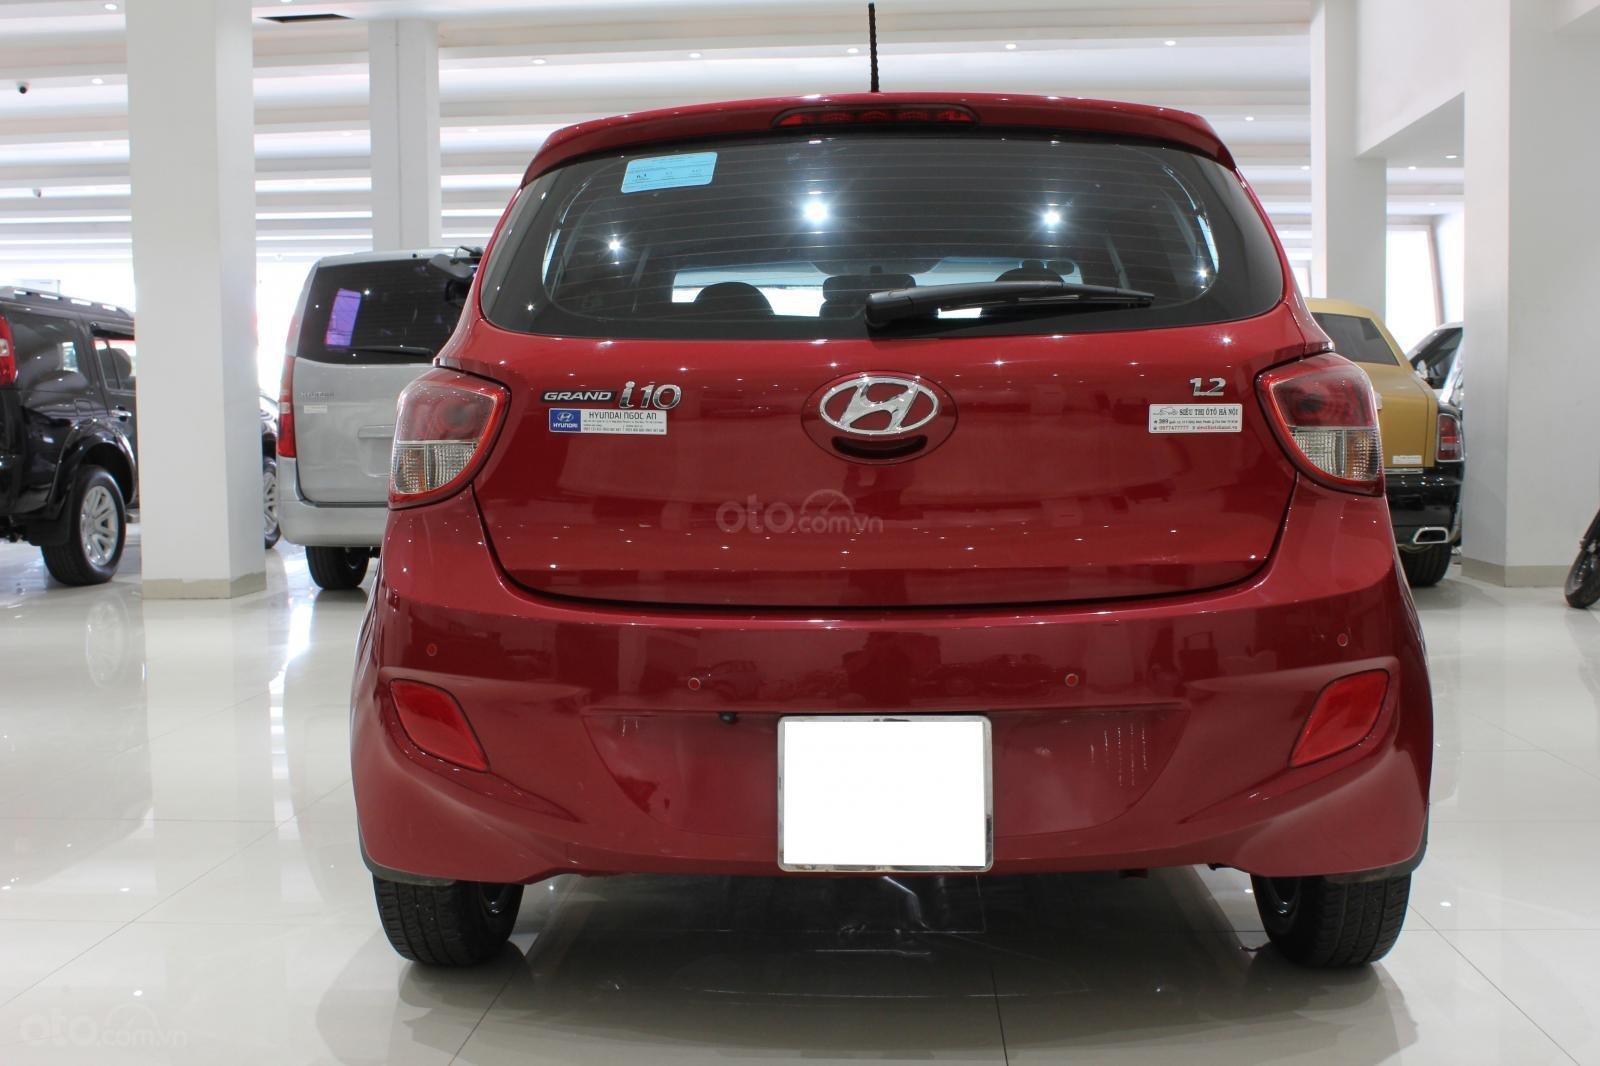 Bán xe Hyundai Grand i10 1.2 (Ấn Độ) năm sản xuất 2016, màu đỏ, nhập khẩu-2